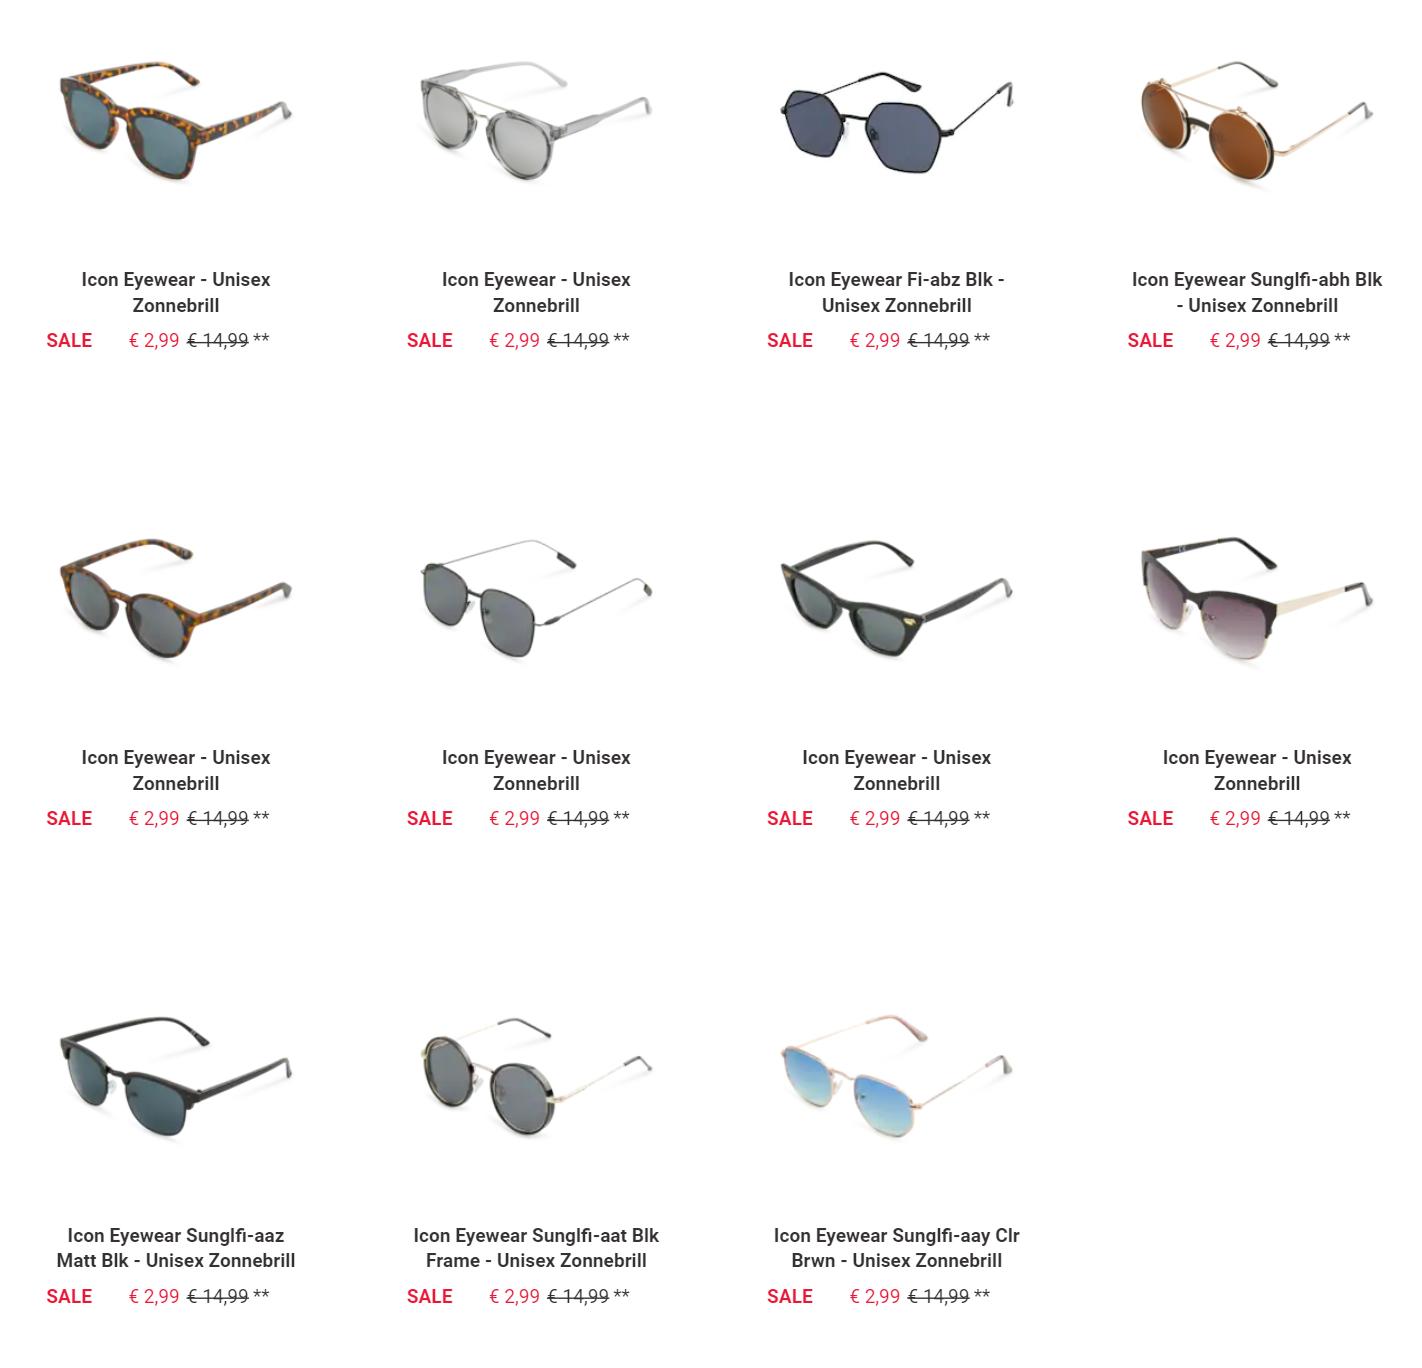 Veel Icon Eyewear zonnebrillen voor €2,99 (incl. verzending)